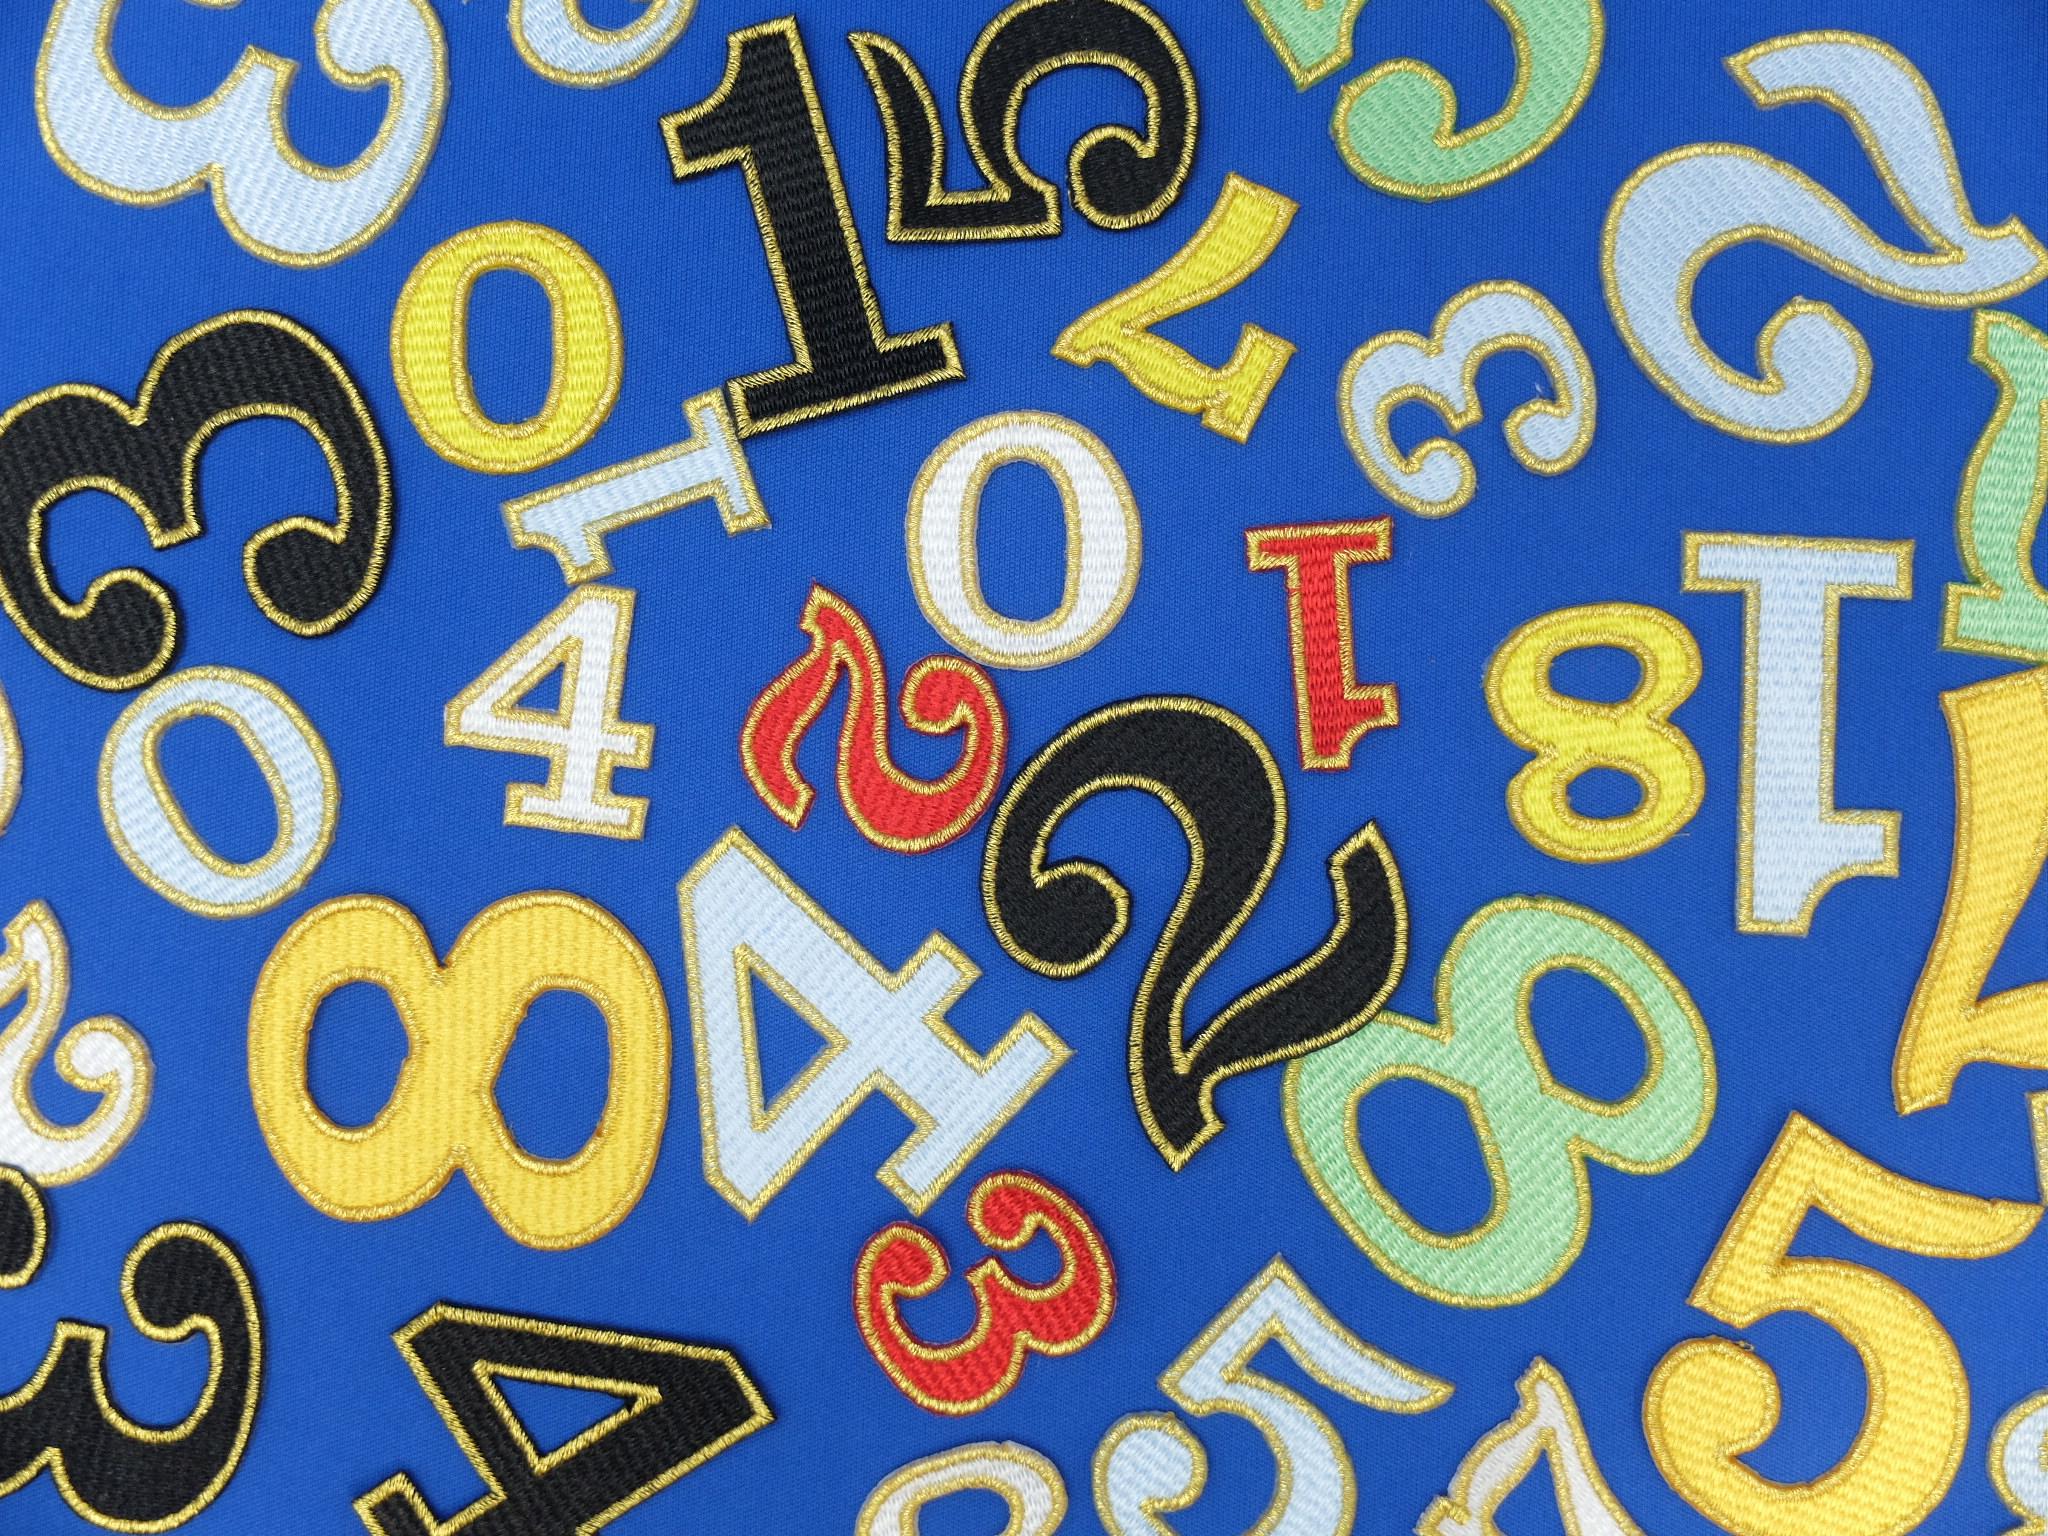 刺繍ワッペン 数字 ナンバー